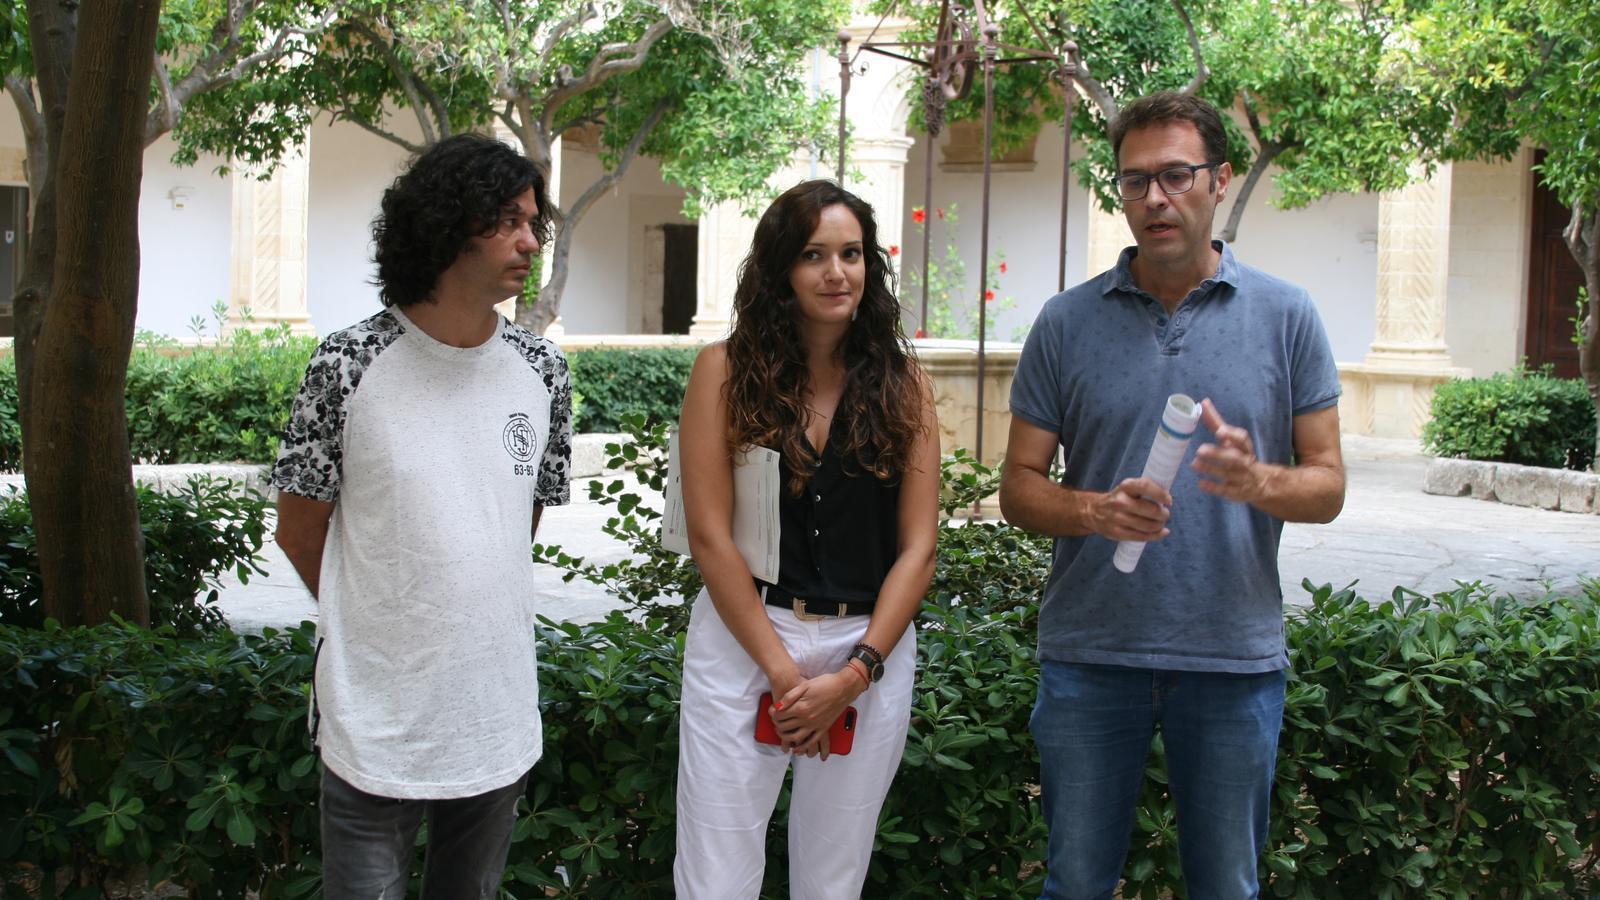 Grimalt, Hinojosa i Oliver durant la presentació dels projectes que aspiren a ser finançats amb l'ecotaxa.